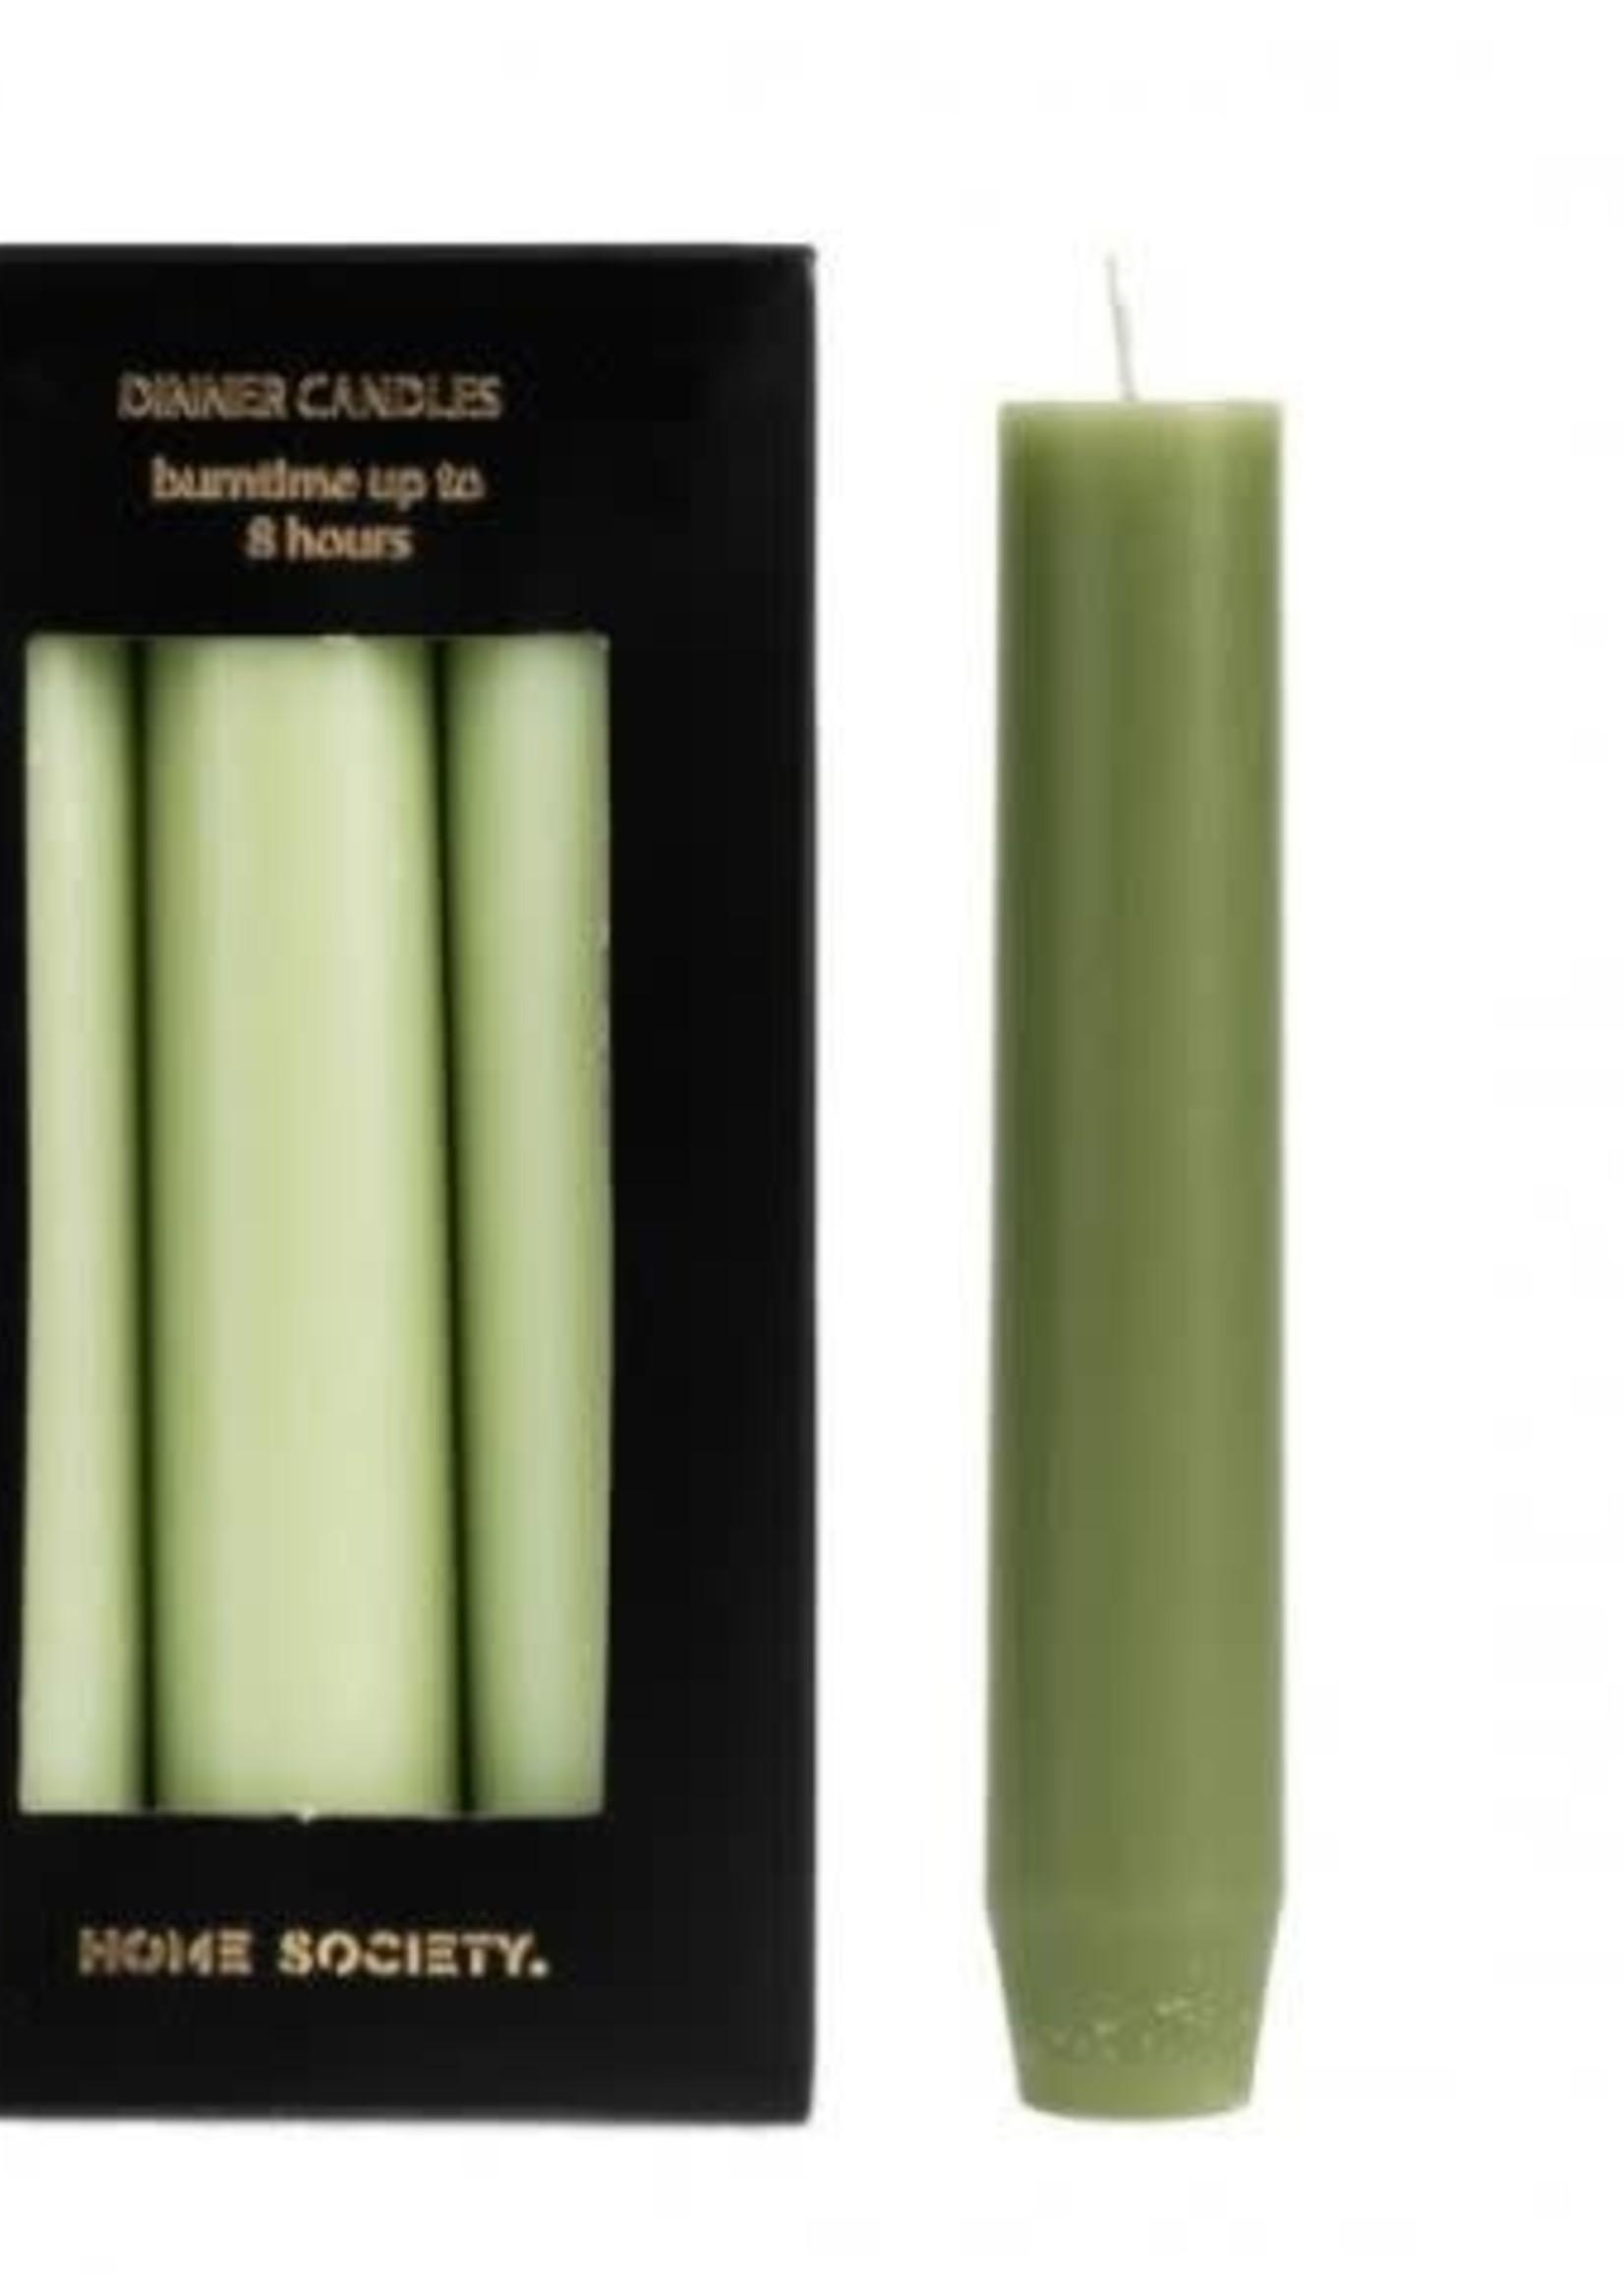 Rustic dinner candles licht groen